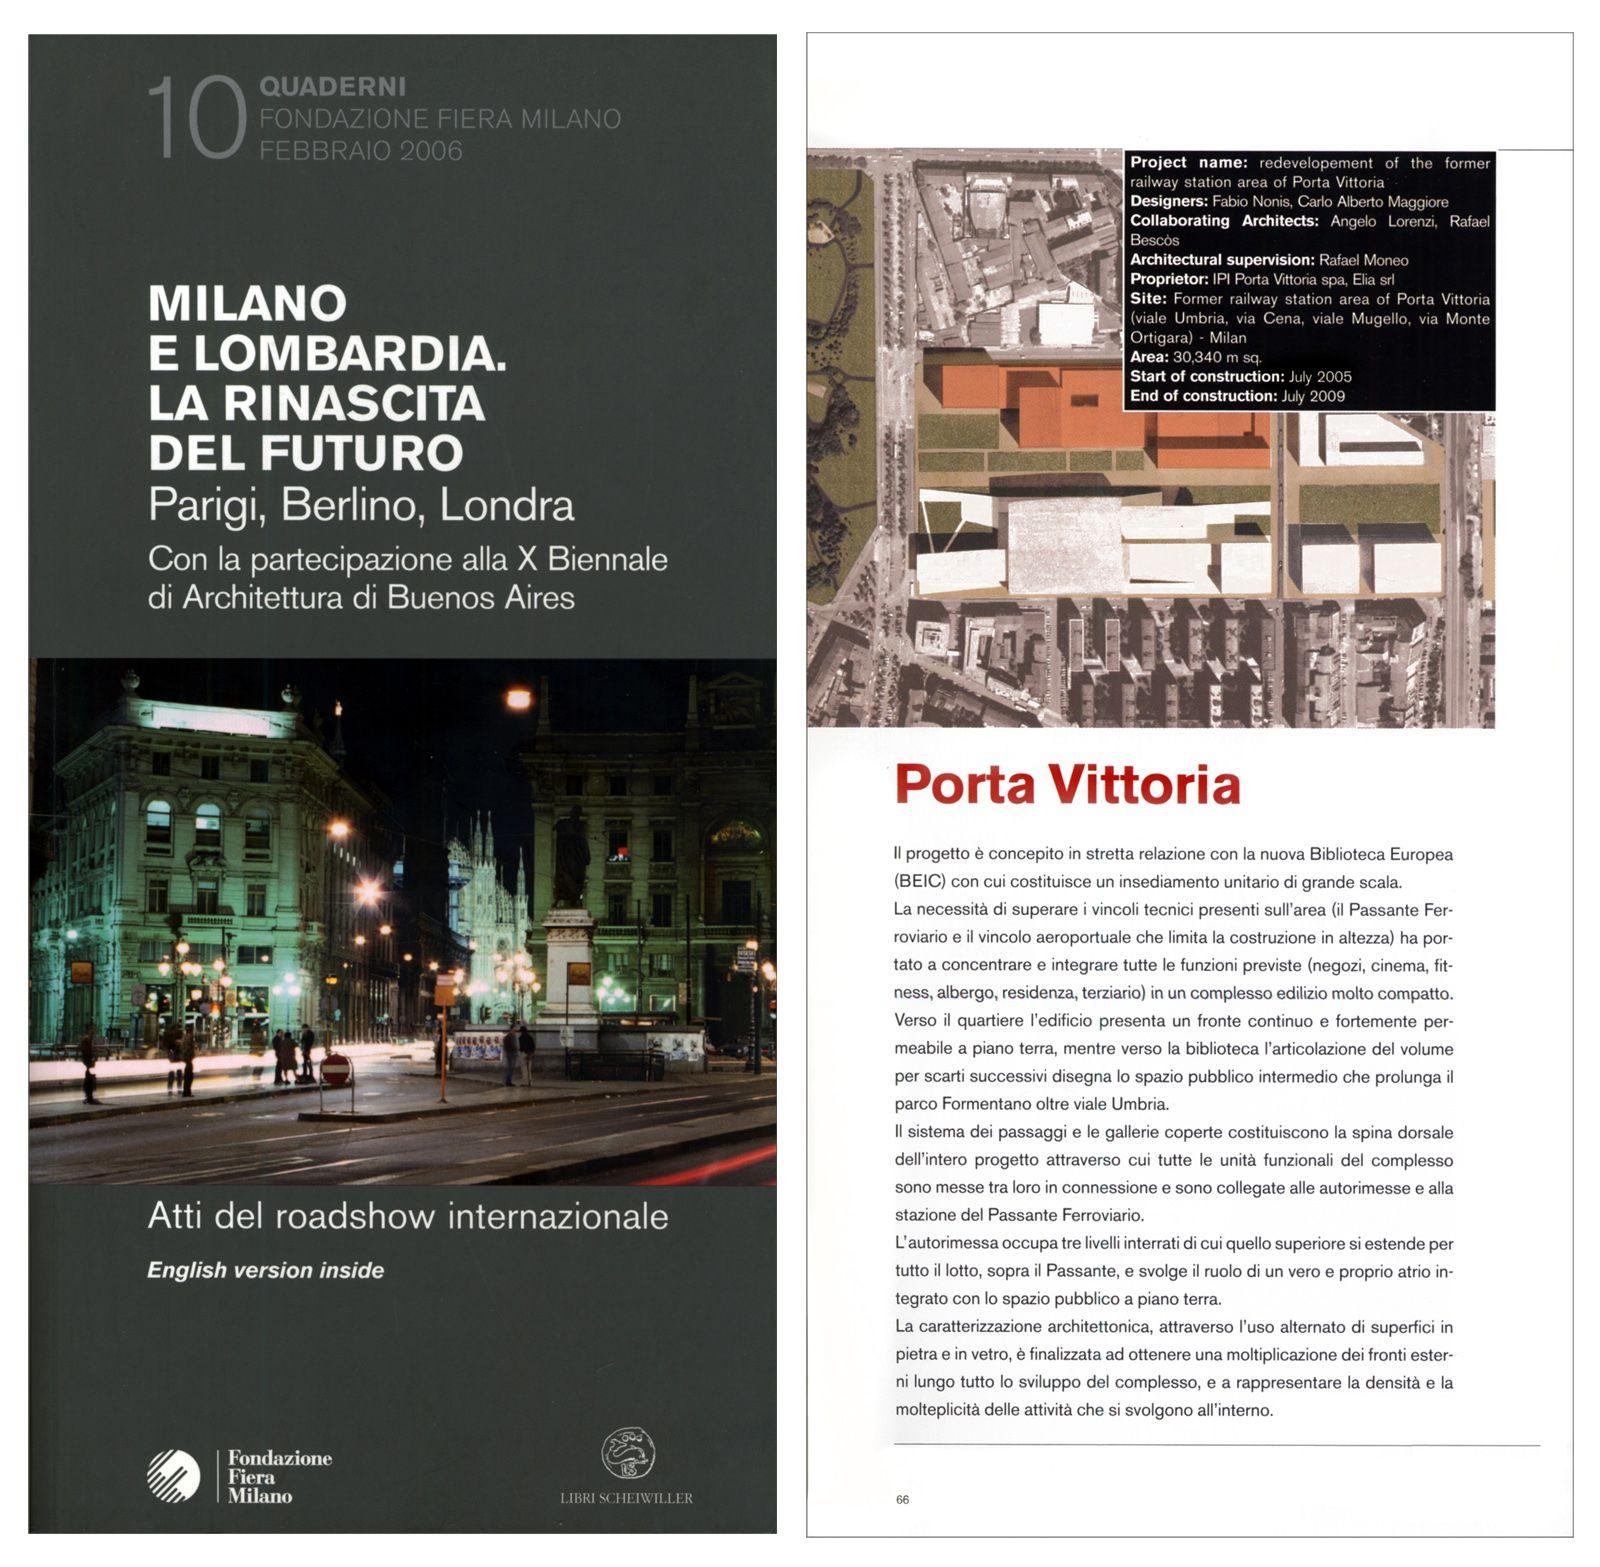 """""""Milano e lombardia la rinascita del futuro"""", catalogo mostra Road Show internazionale, Regione Lombardia, a cura di C. Bolognesi, 2006"""